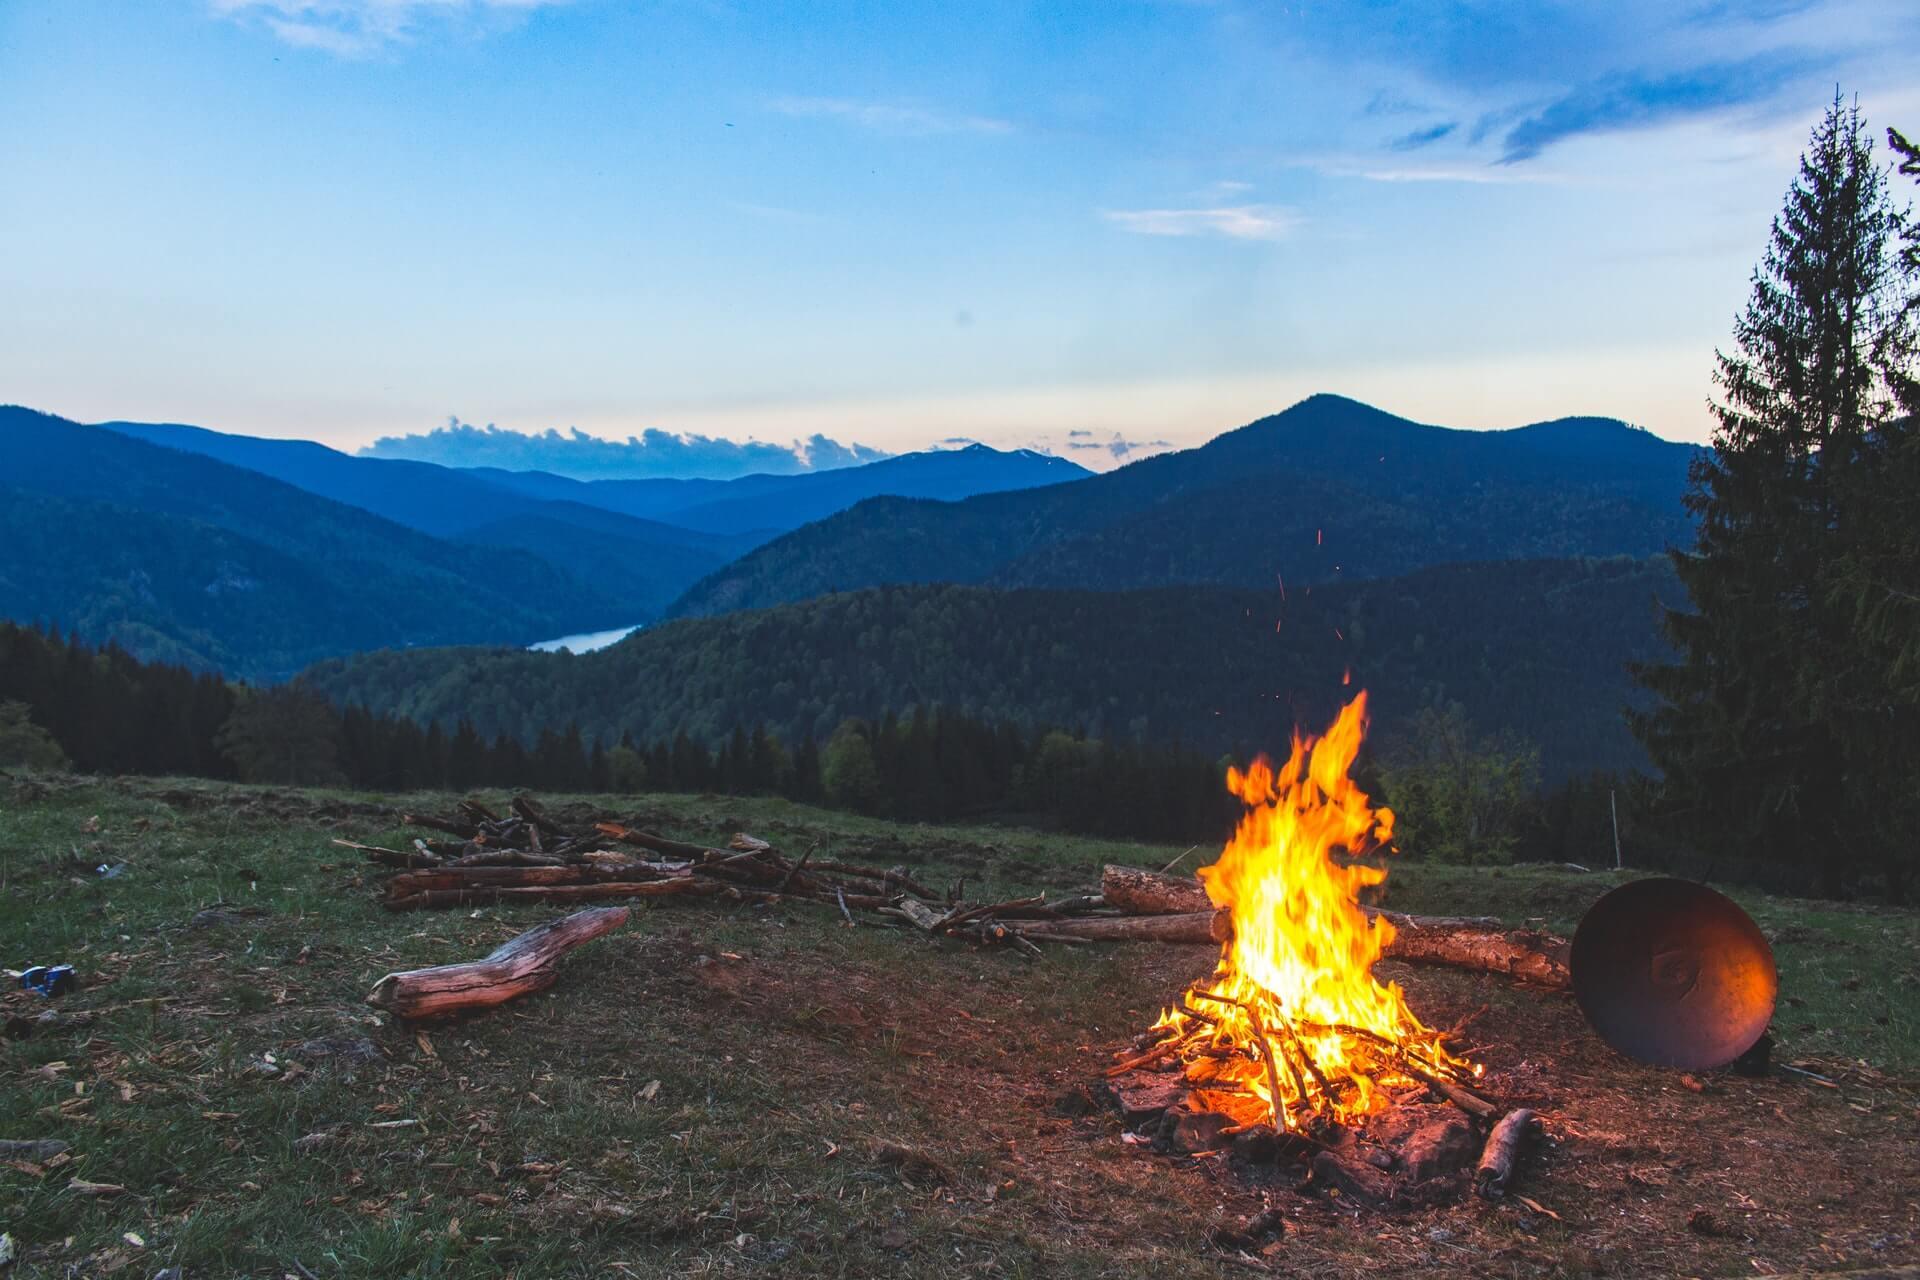 Leidenschaft ist wie ein inneres Feuer - Ziele im Leben